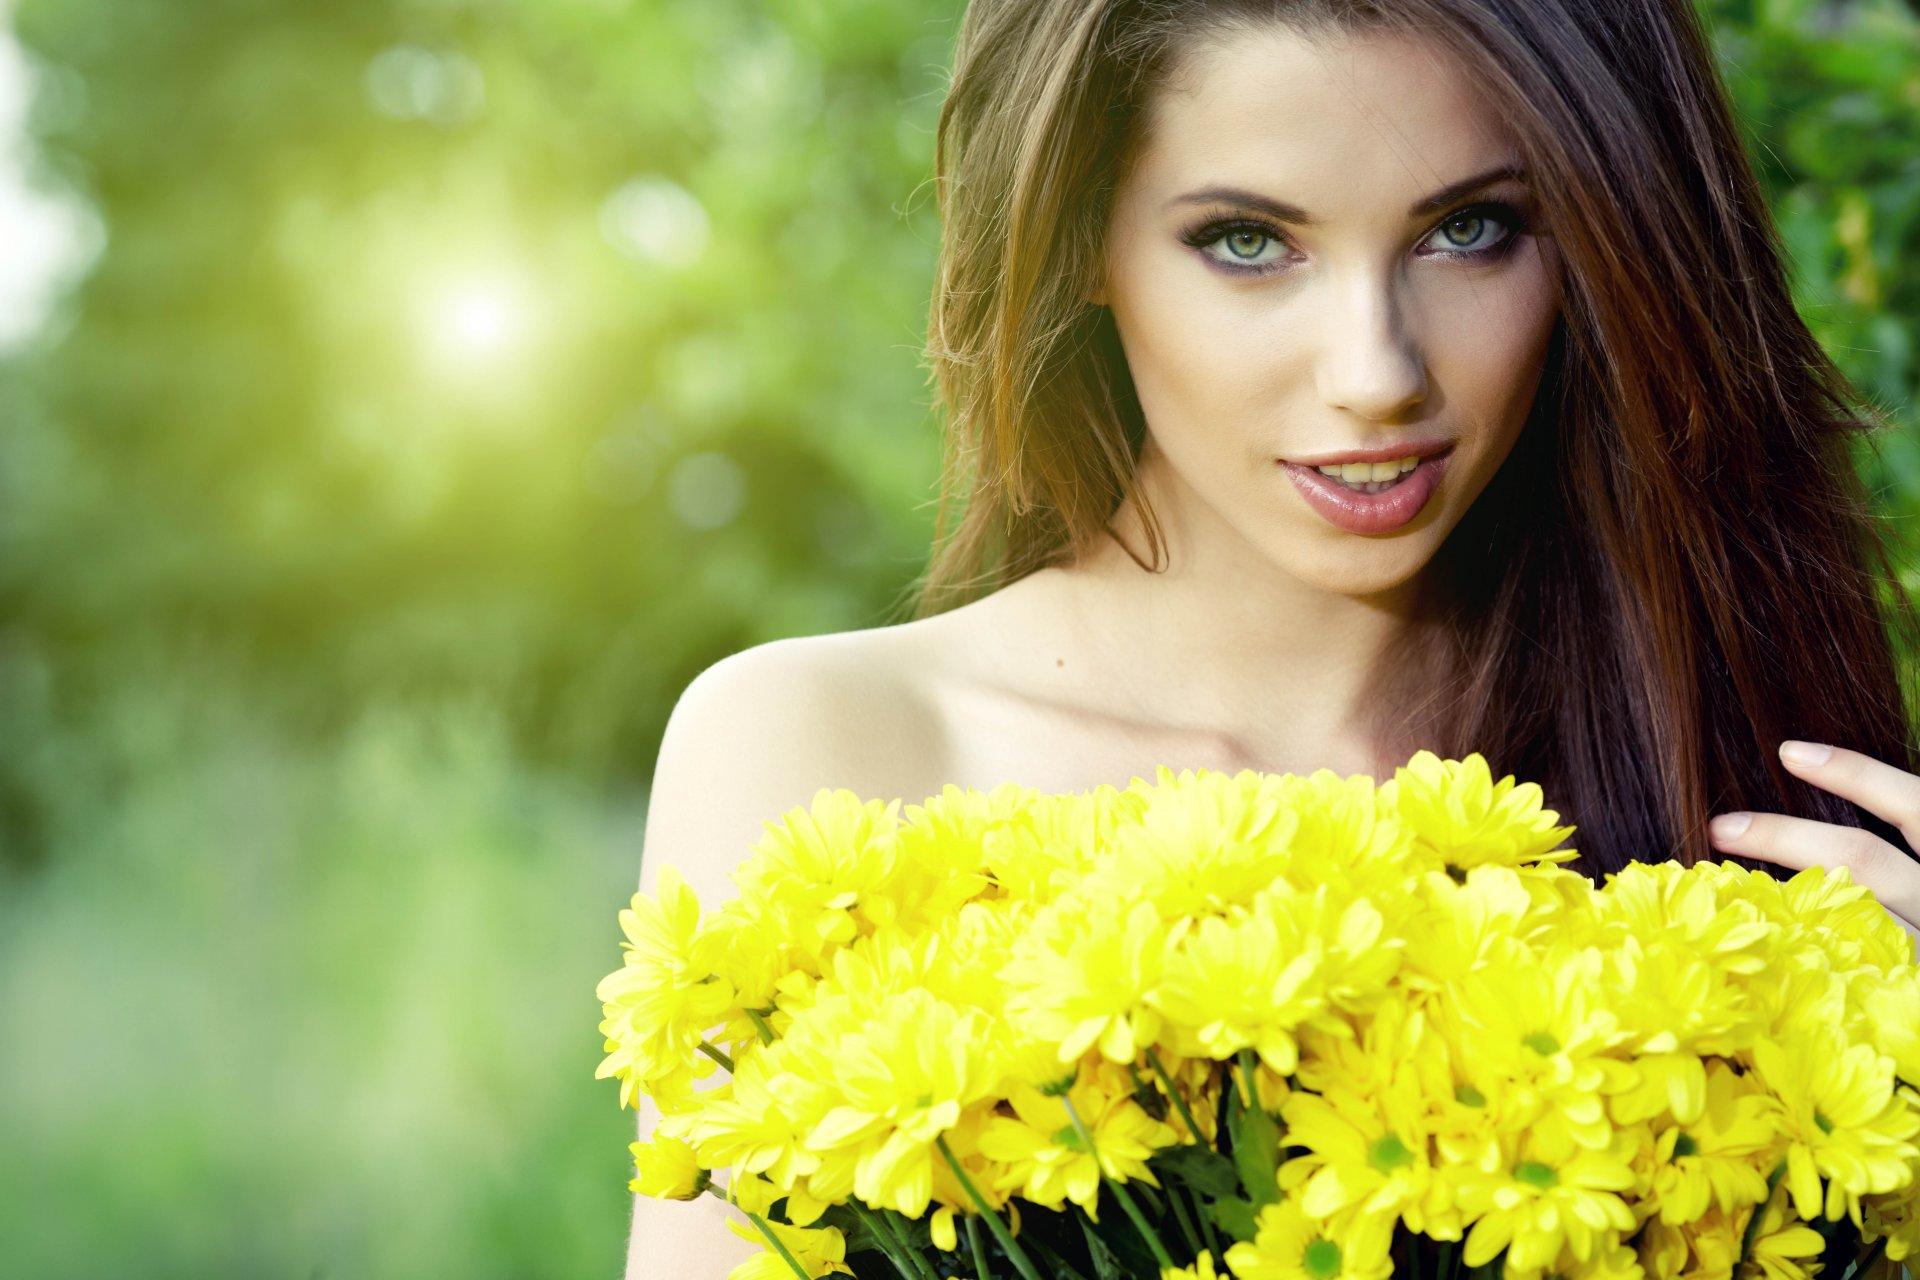 Фото красивые девушки и цветы